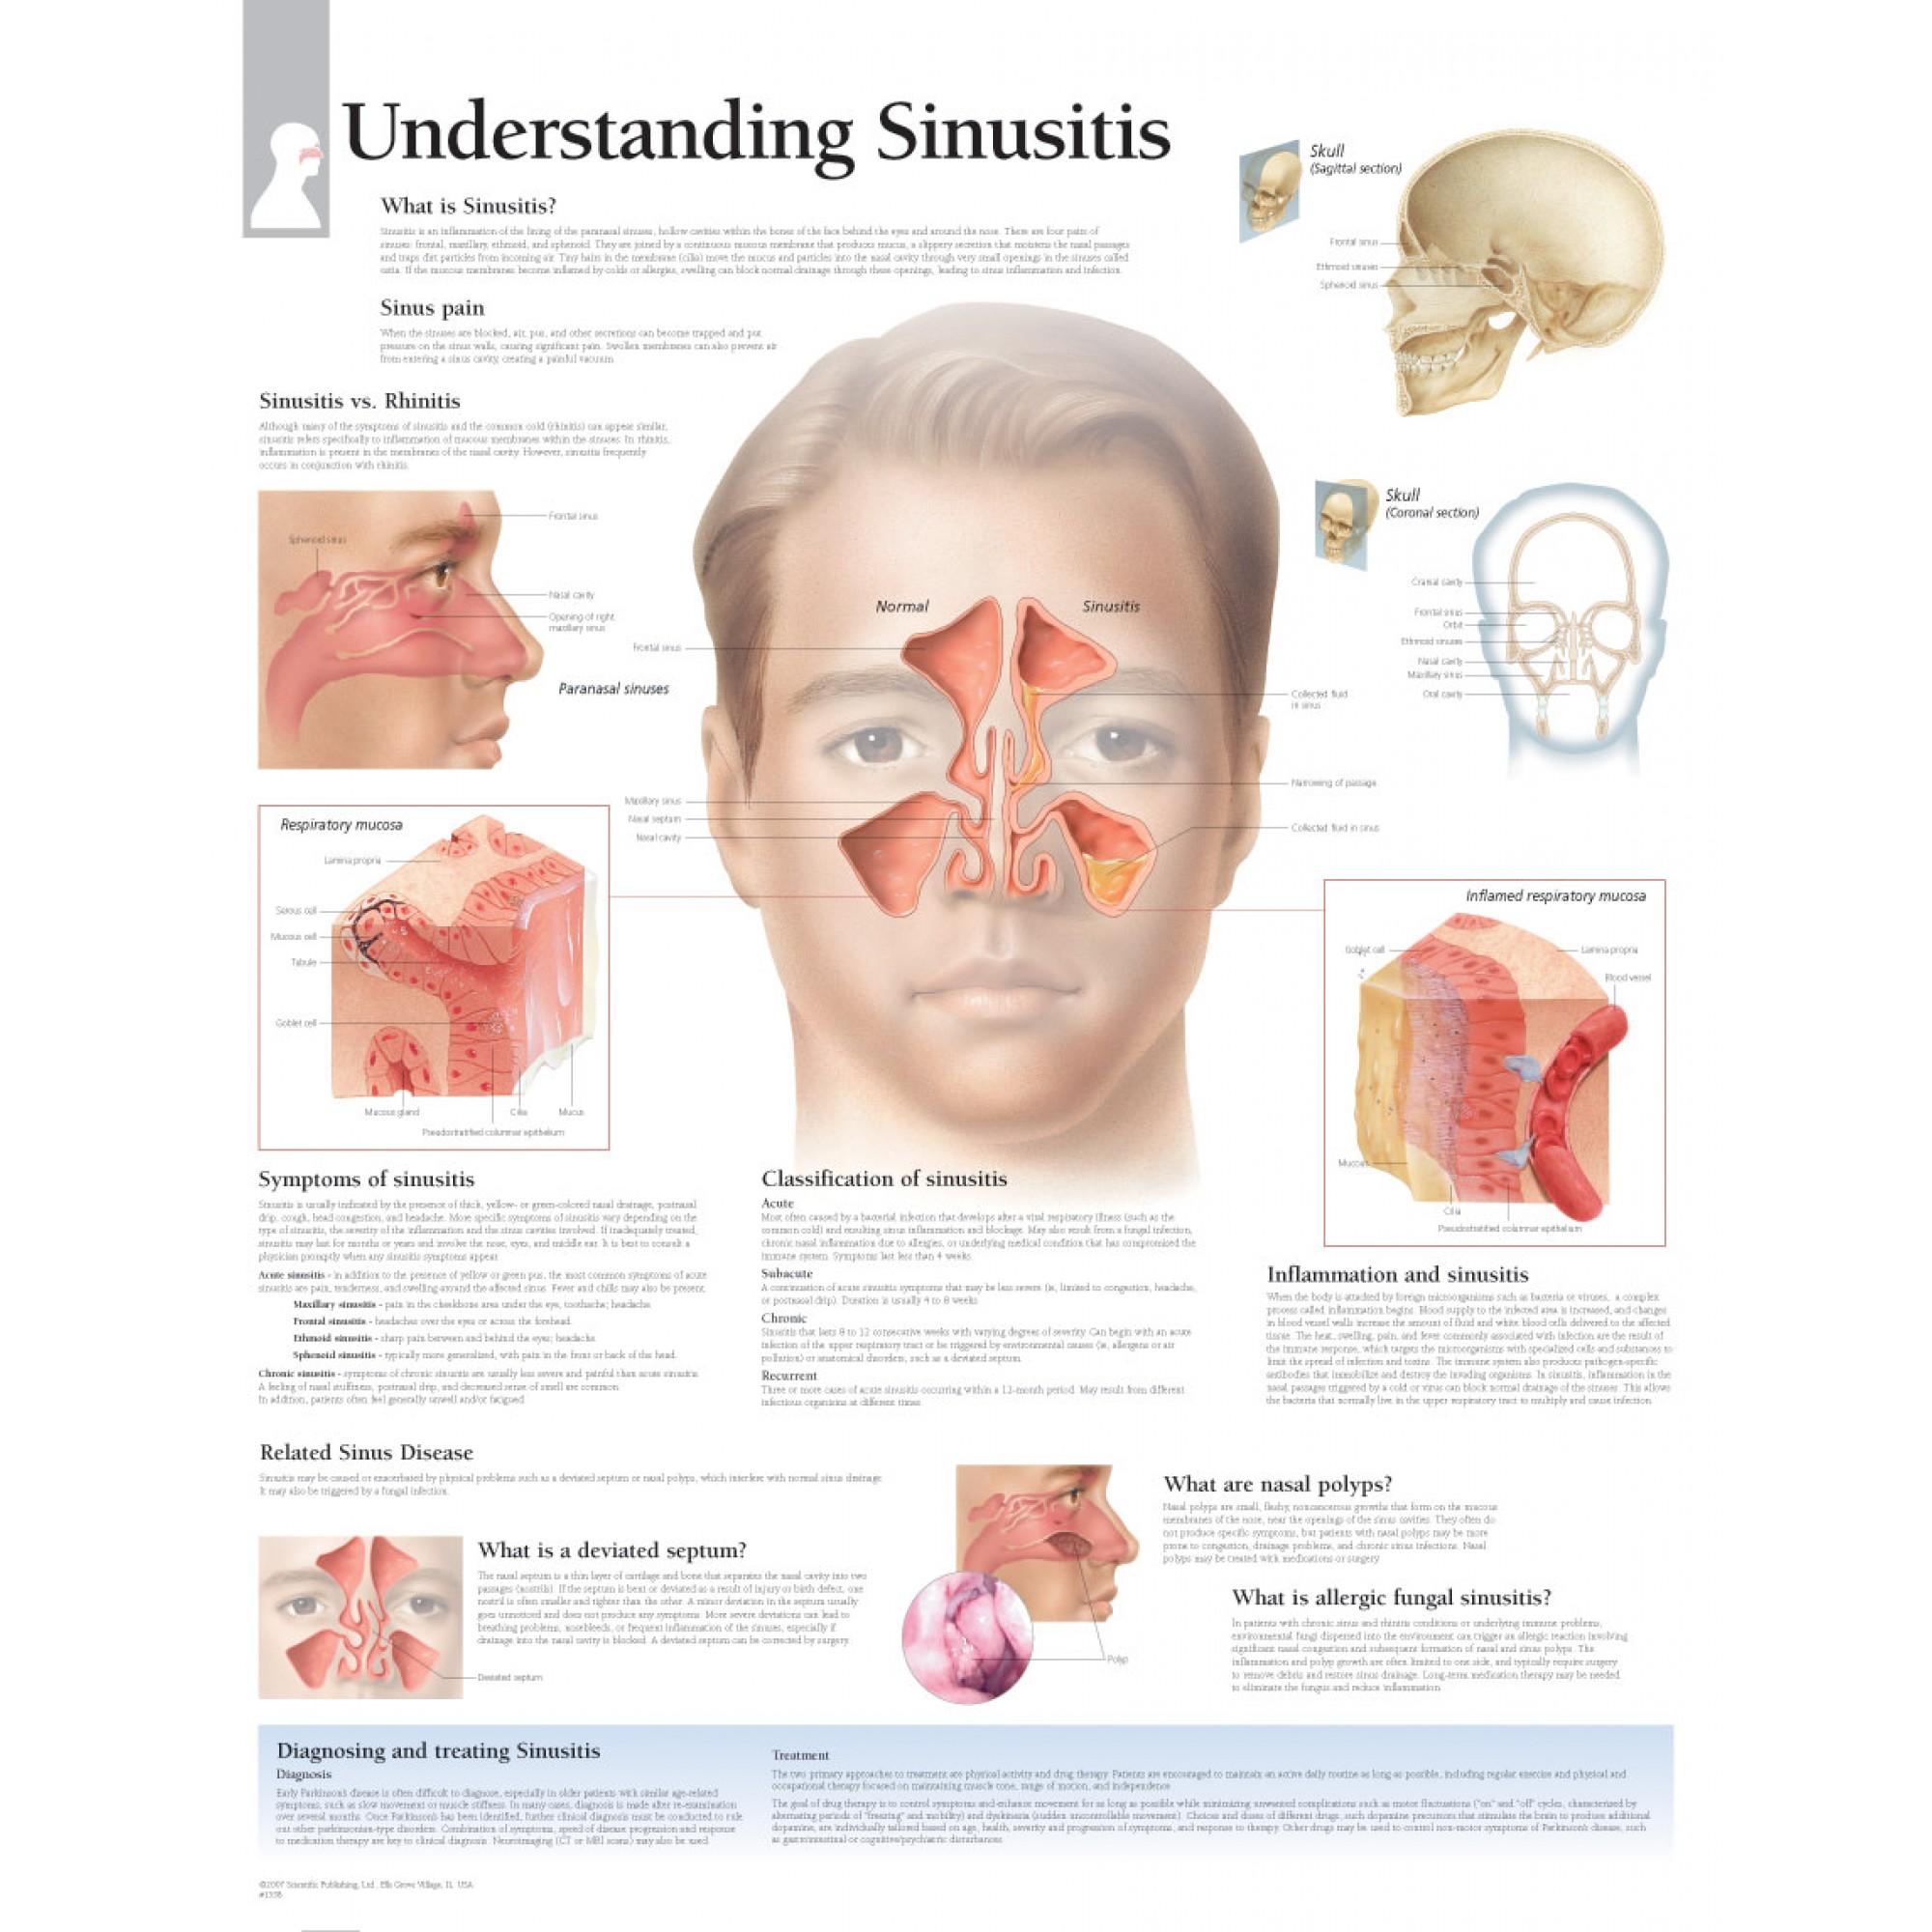 hight resolution of sinus pain sinusitis vs rhinitis skull skun corona norma classification of sinusitis sinusitis reviratory mucosa symptoms of sinusitis